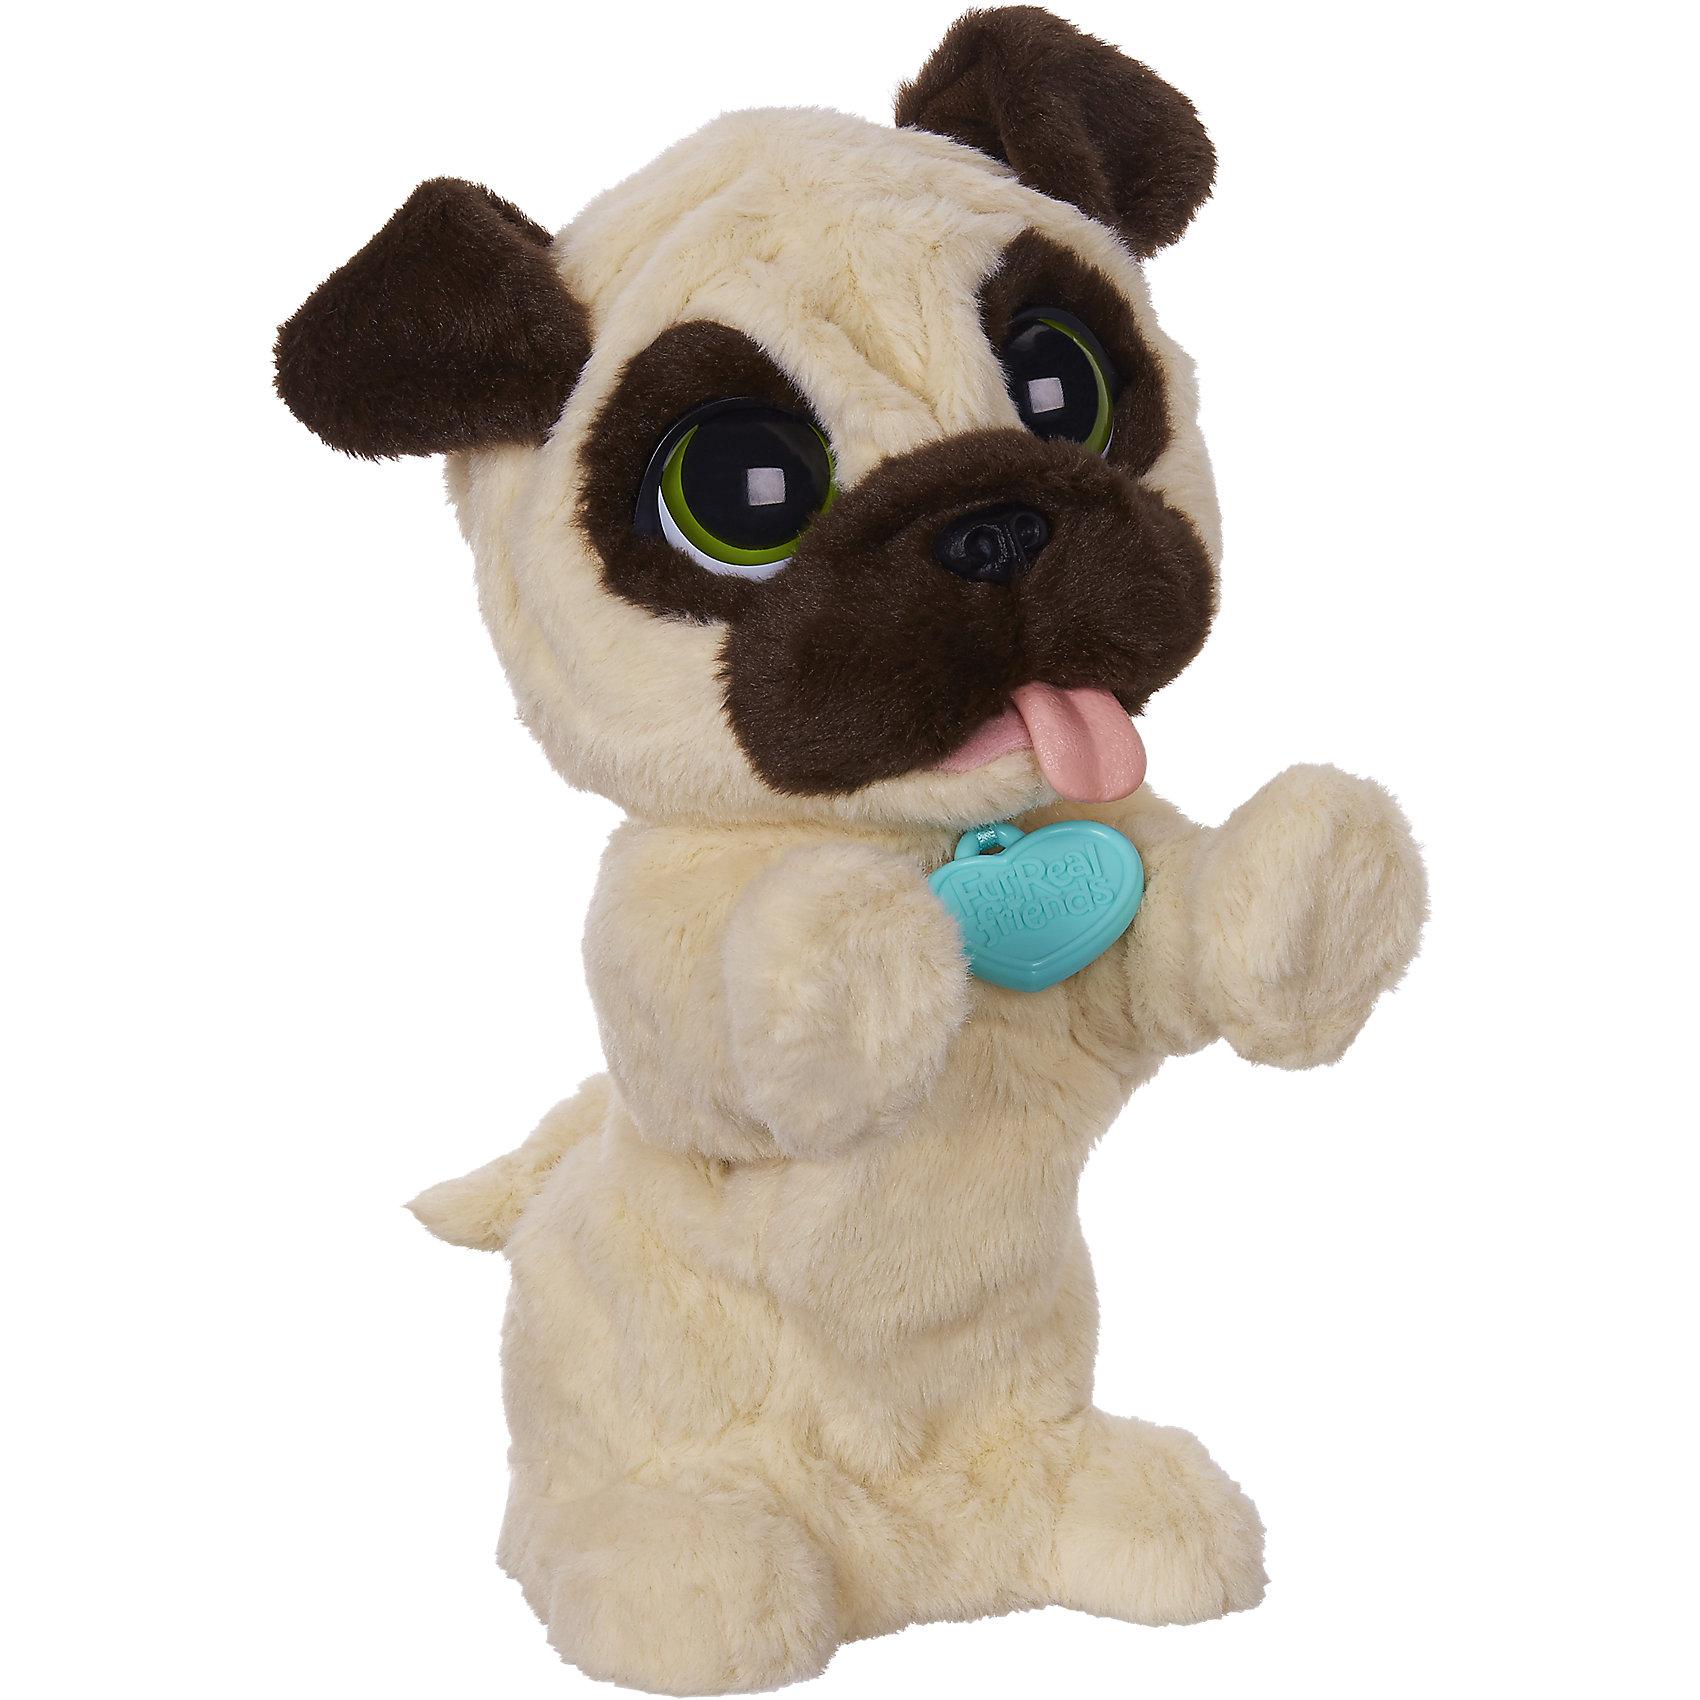 Игривый щенок Джей Джей, FurRealИнтерактивные мягкие игрушки<br>Новый щенок всегда рад тебя видеть. Он встает на задние лапки, прыгает на месте и издает радостные щенячьи звуки.<br><br>Погладьте своего нового маленького друга по голове или помахайте ему рукой, и он подпрыгнет и залает, как настоящий щенок! Погладьте его по спине, и он прилежно сядет. Ваш милый интерактивный Щенок Джей Джей всегда готов играть с вами и будет радостно прыгать каждый раз, когда вы подходите к нему! <br><br>Дополнительная информация:<br>- Интерактивный Игривый Щенок ДжейДжей выглядит и ведет себя, почти как настоящий<br>- Щенок прыгает и лает, если помахать ему рукой или погладить по голове <br>- Щенок садится, если погладить его по спине <br>- Необходимо 4 батарейки АА (в комплекте демонстрационные батарейки).<br><br>Игривого щенка Джей Джей от FurReal Friends можно купить в нашем интернет магазине.<br><br>Ширина мм: 308<br>Глубина мм: 256<br>Высота мм: 208<br>Вес г: 830<br>Возраст от месяцев: 48<br>Возраст до месяцев: 84<br>Пол: Унисекс<br>Возраст: Детский<br>SKU: 4156417